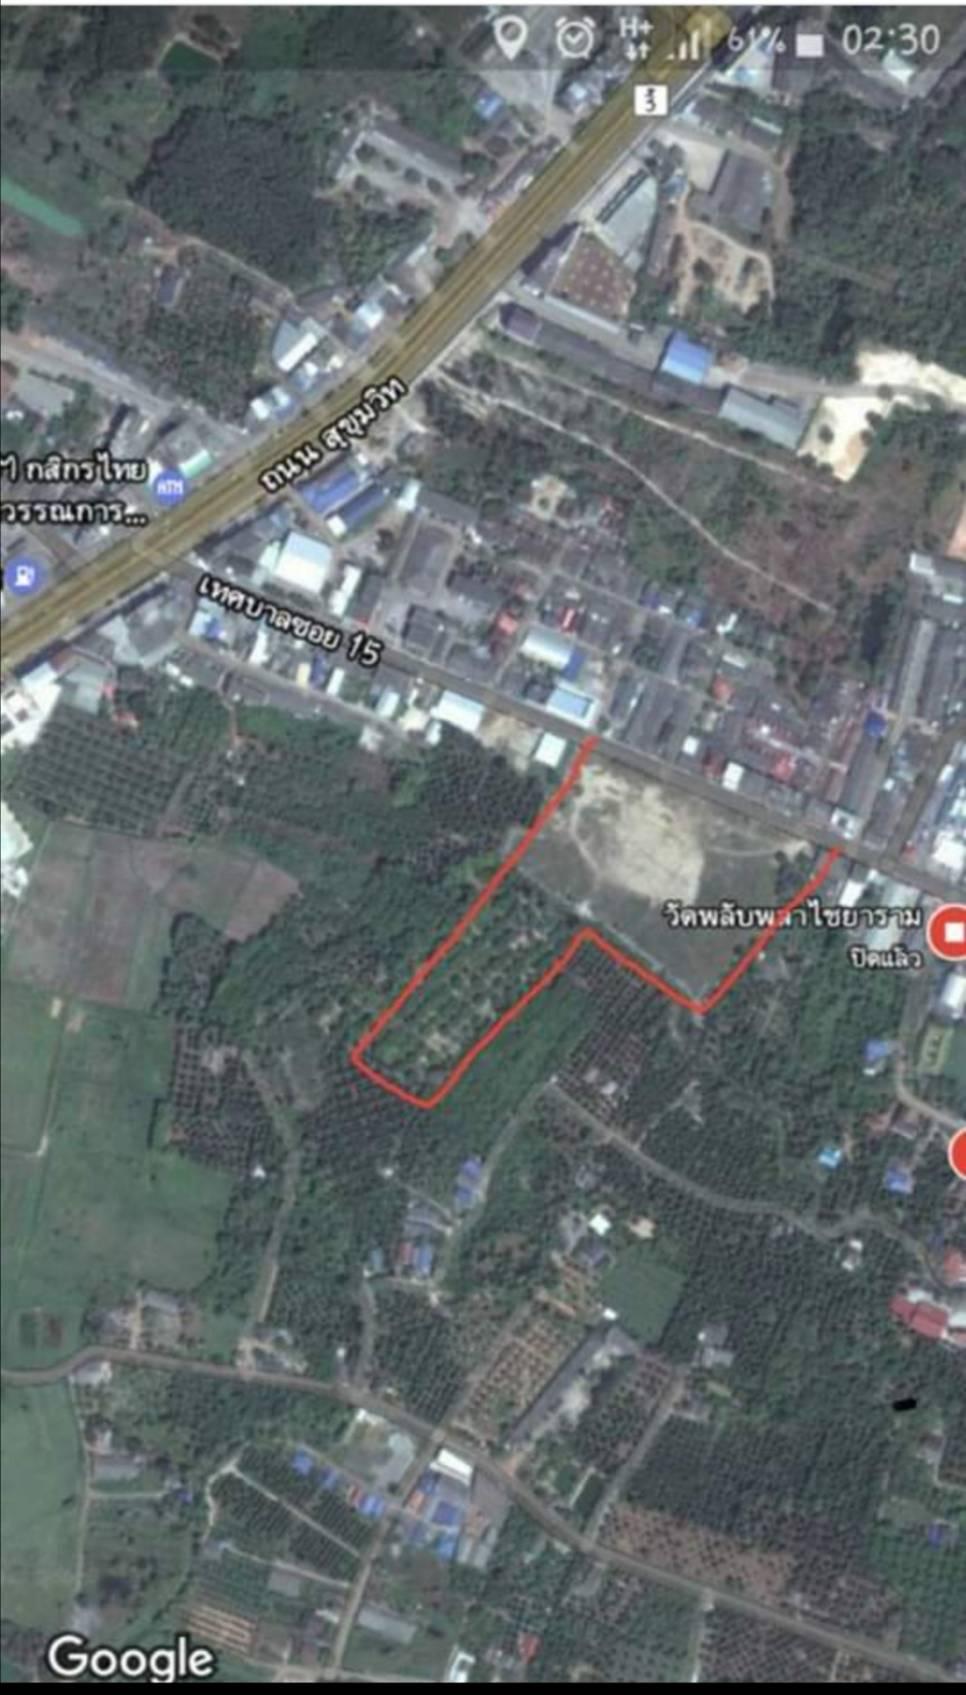 ขายที่ดิน พร้อมสวนผลไม้ อำเภอเมือง จังหวัดจันทบุรี